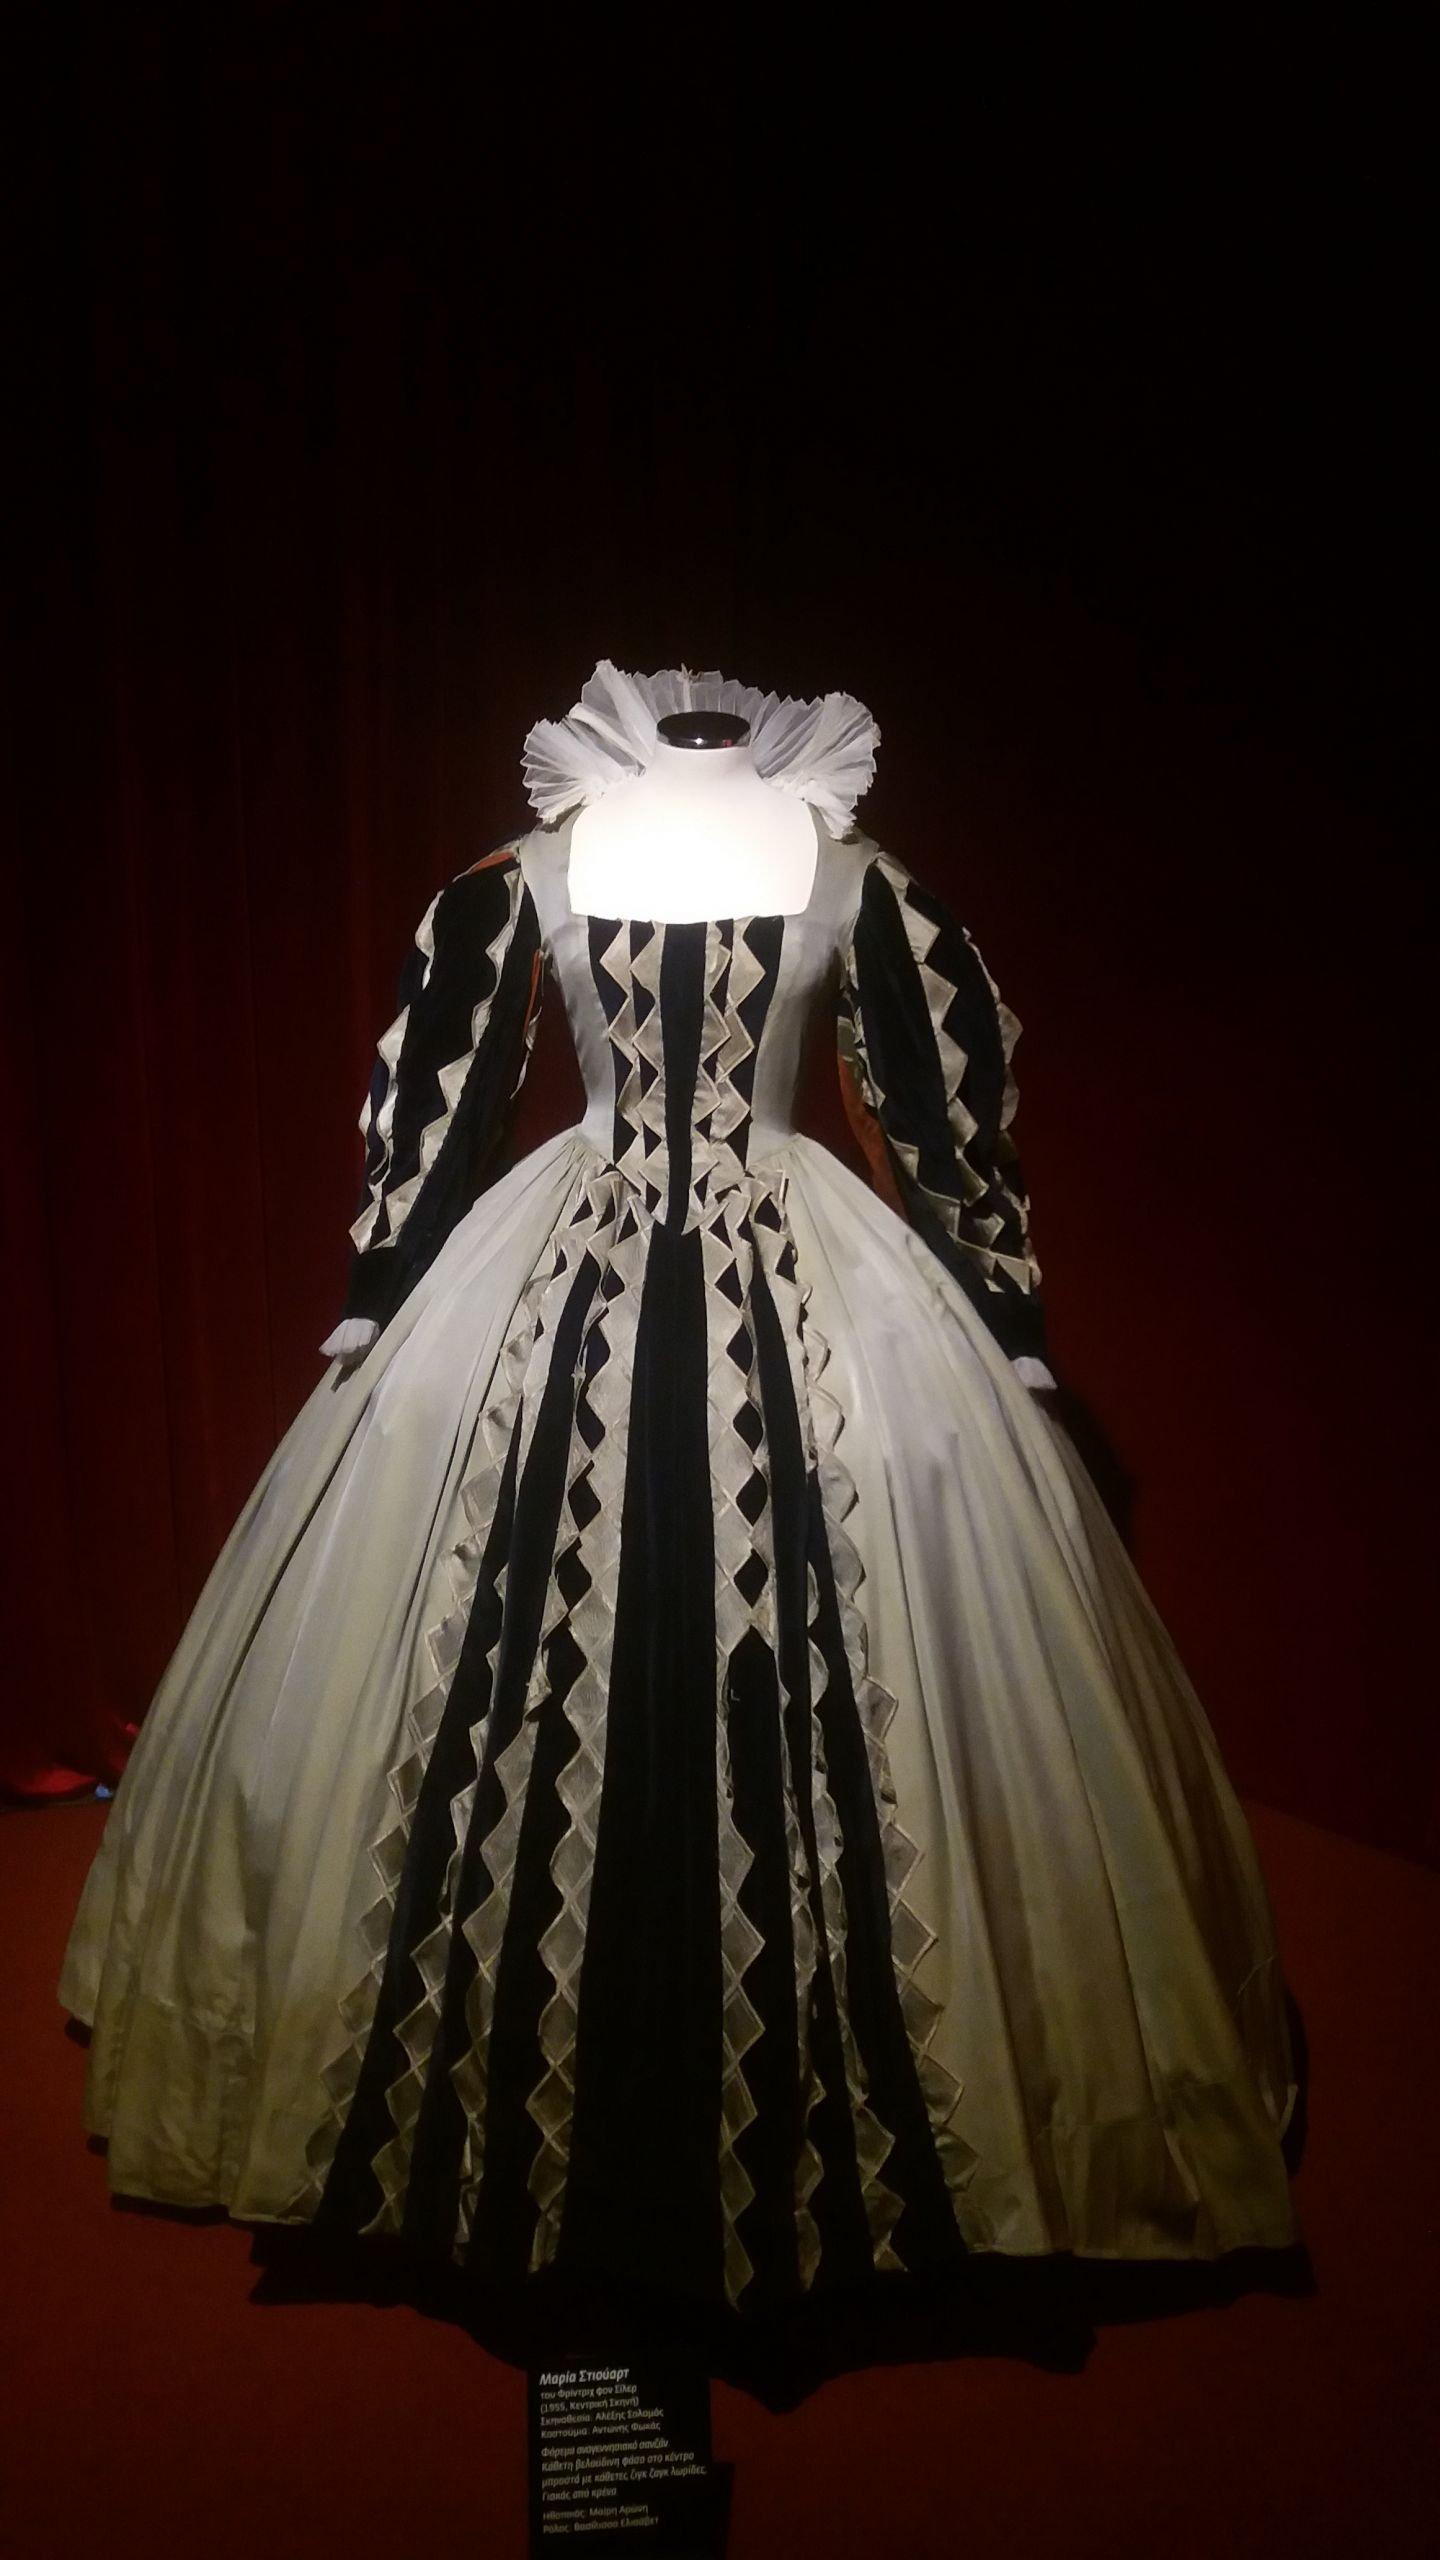 Το κουστούμι που φορούσε η ηθοποιός Μαίρη Αρώνη ως Βασίλισσα Ελισάβετ, στην παράσταση Μαρία Στιούαρτ